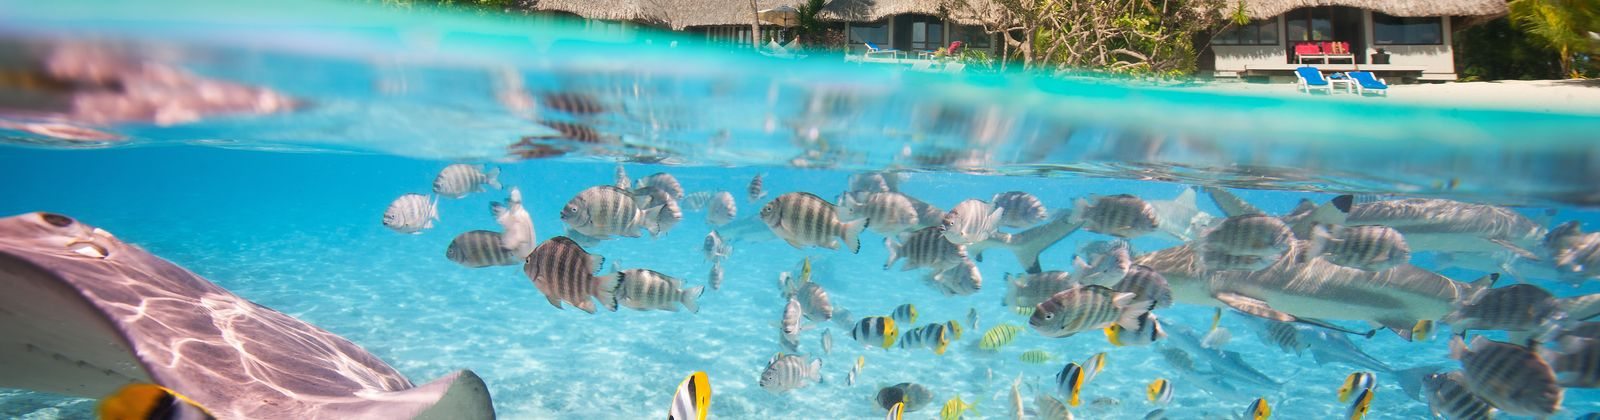 Los mejores hoteles bajo el agua de dub i a las maldivas for Hotel bajo el agua precio